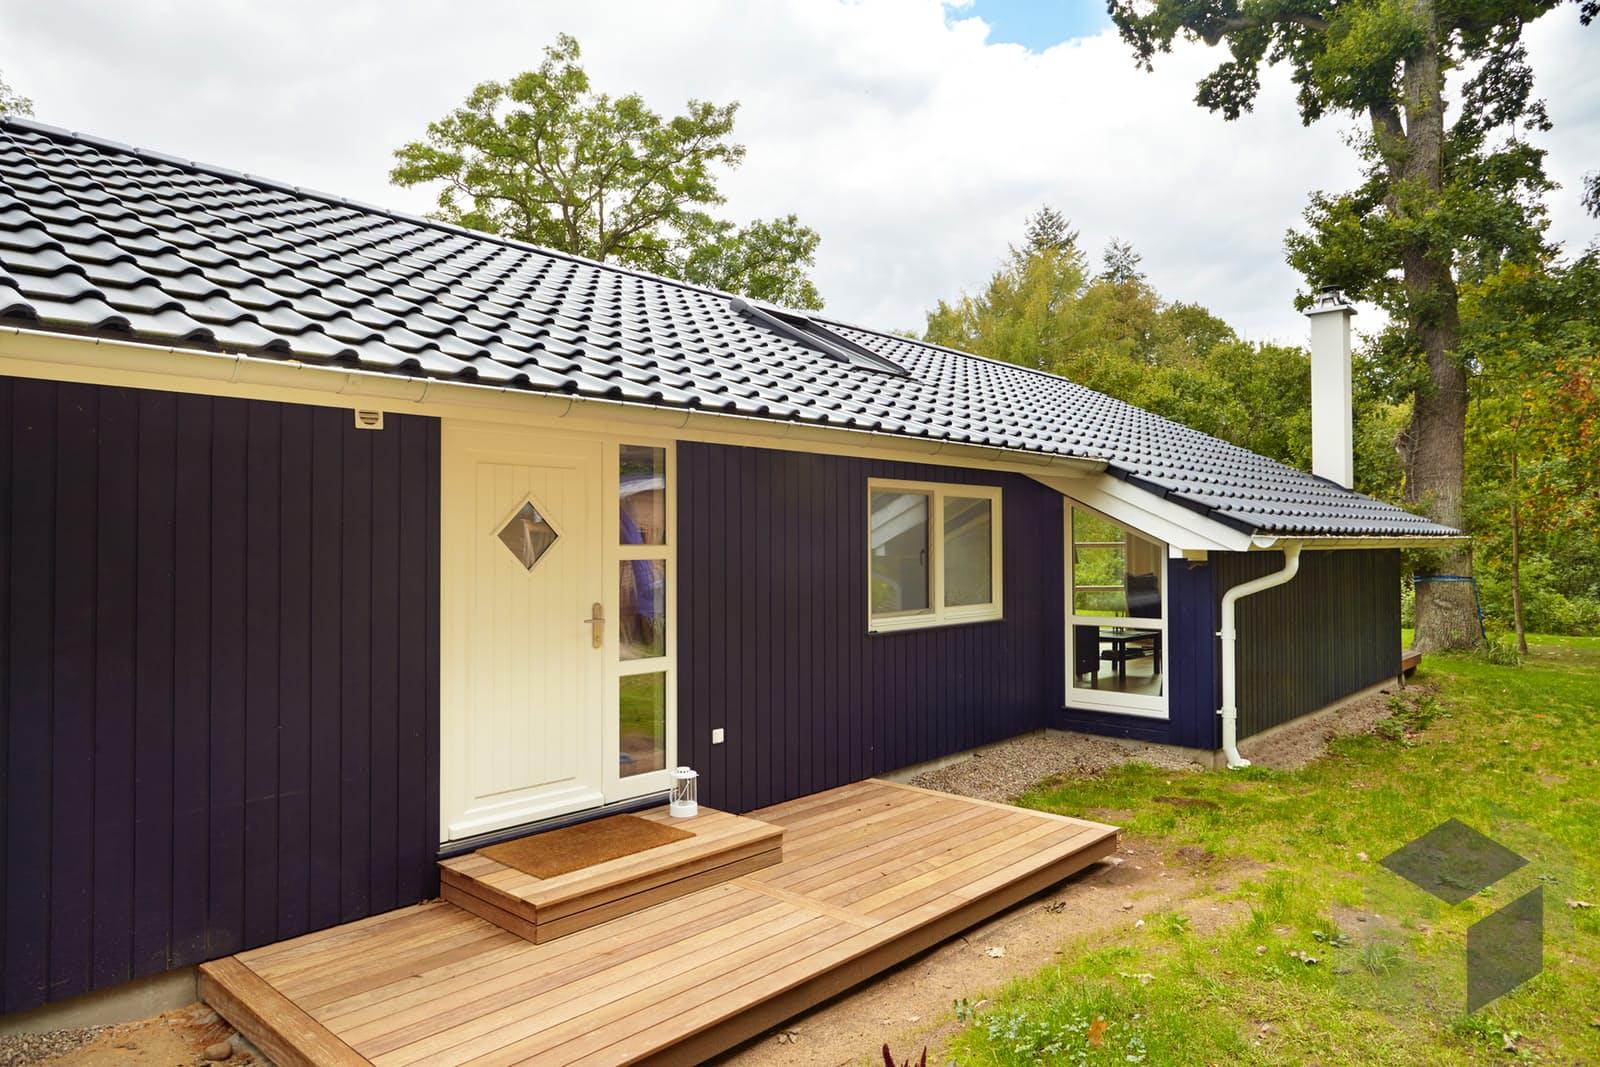 bornholm 110 12 inactive von ebk haus komplette daten bersicht. Black Bedroom Furniture Sets. Home Design Ideas